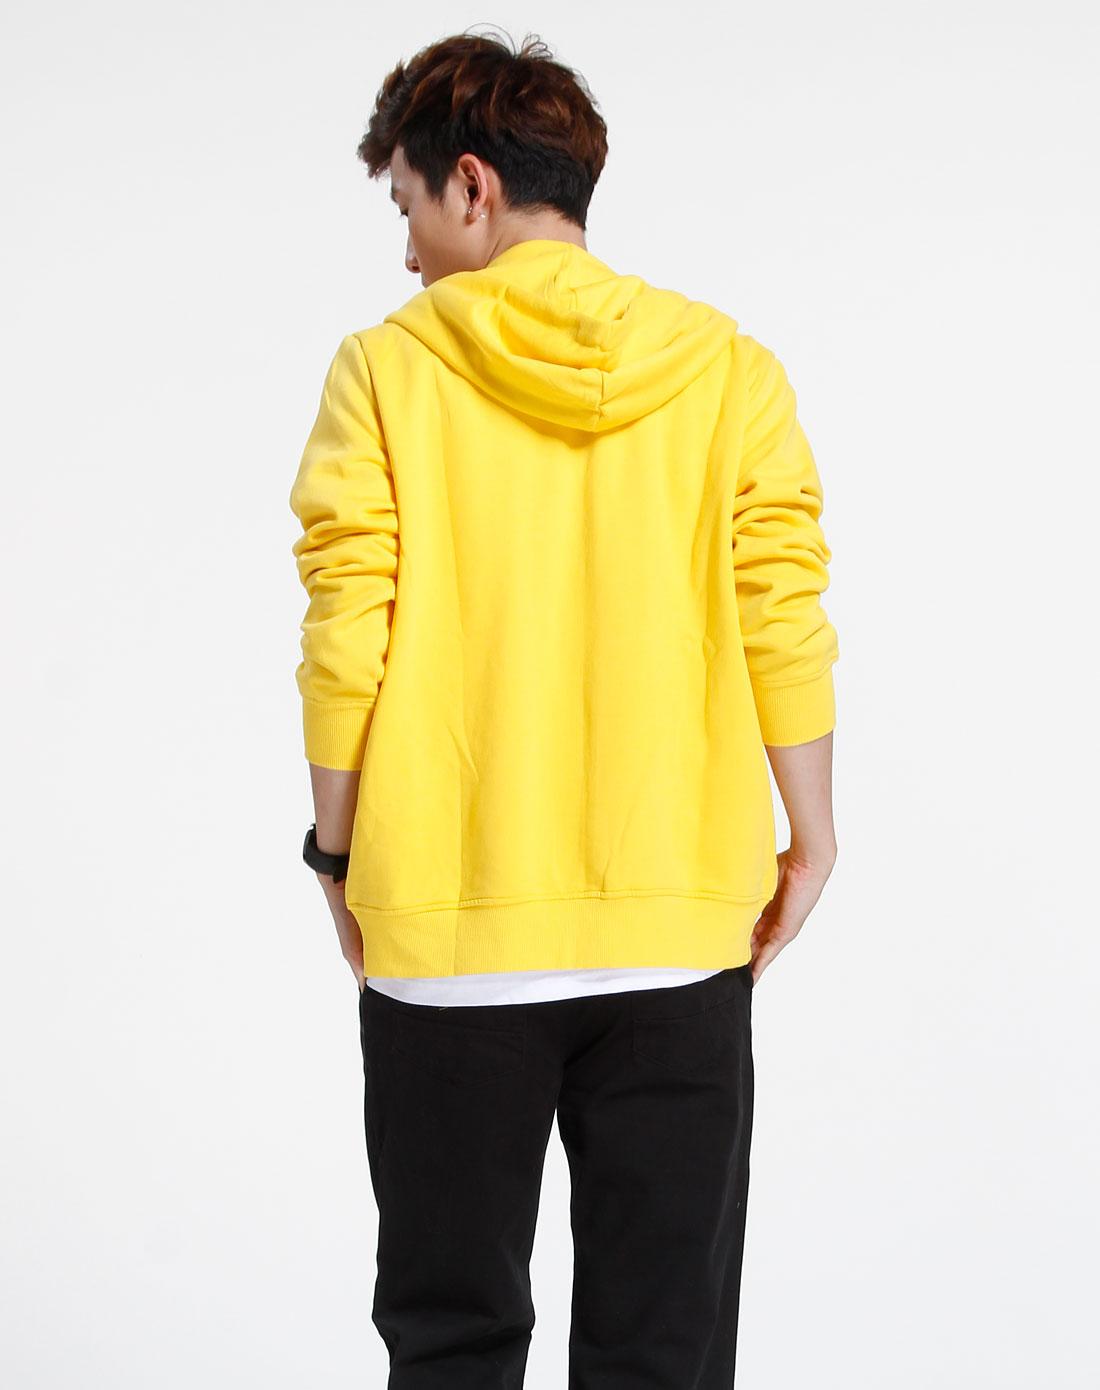 森马-男装黄色长袖时尚外套093141031-360图片